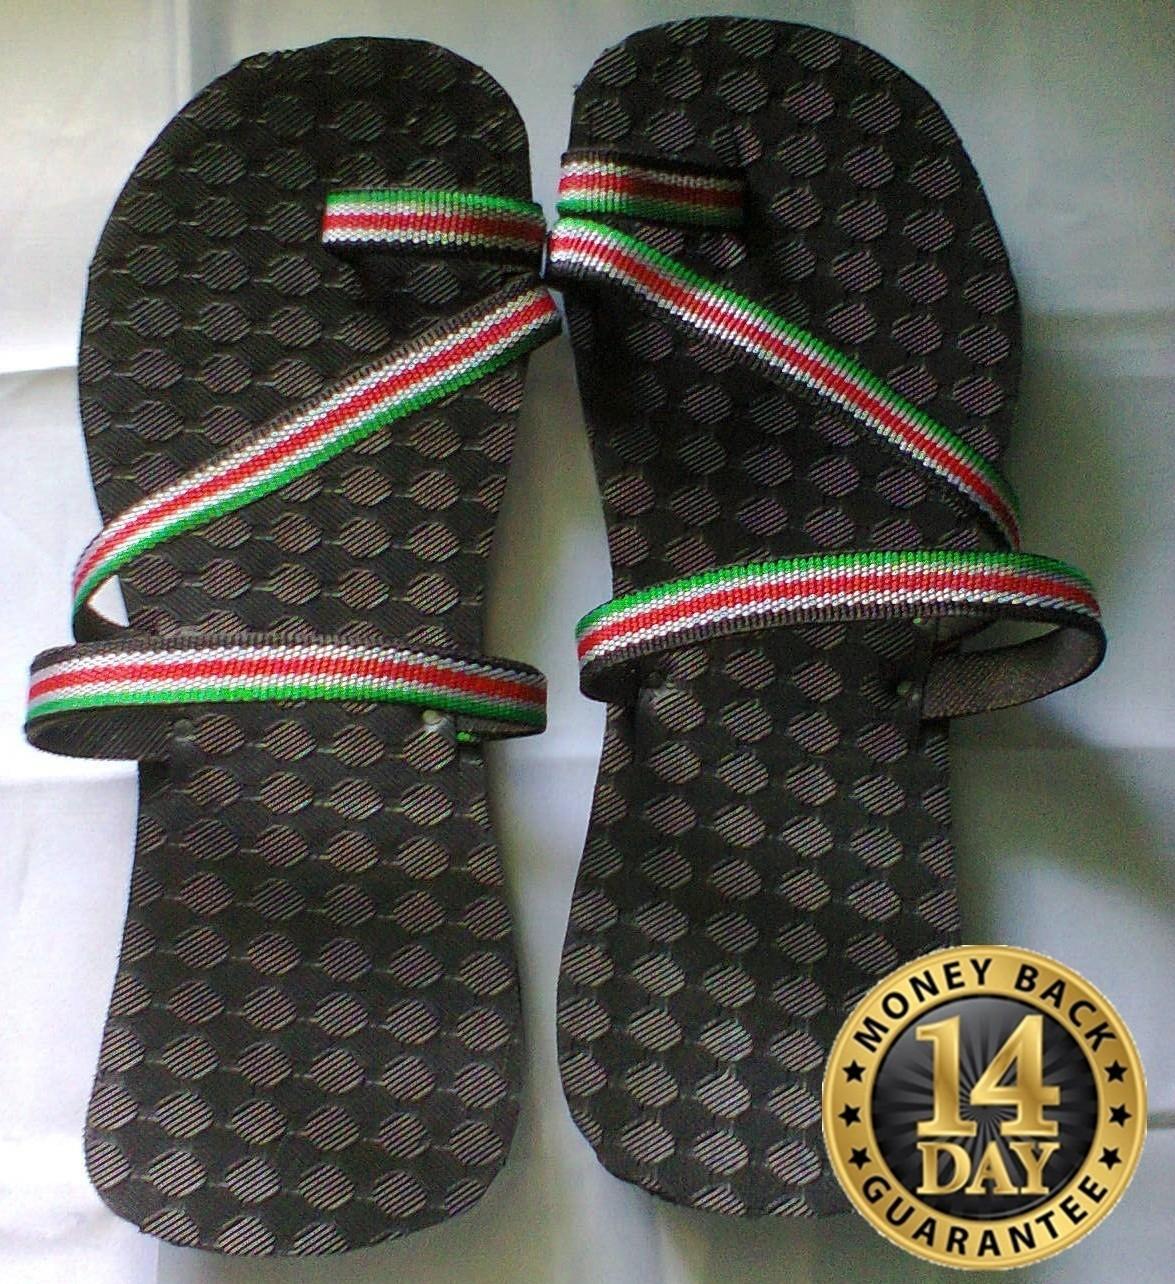 Masai tire rubber sandals U.S size 10.5 men(UNISEX) A0001